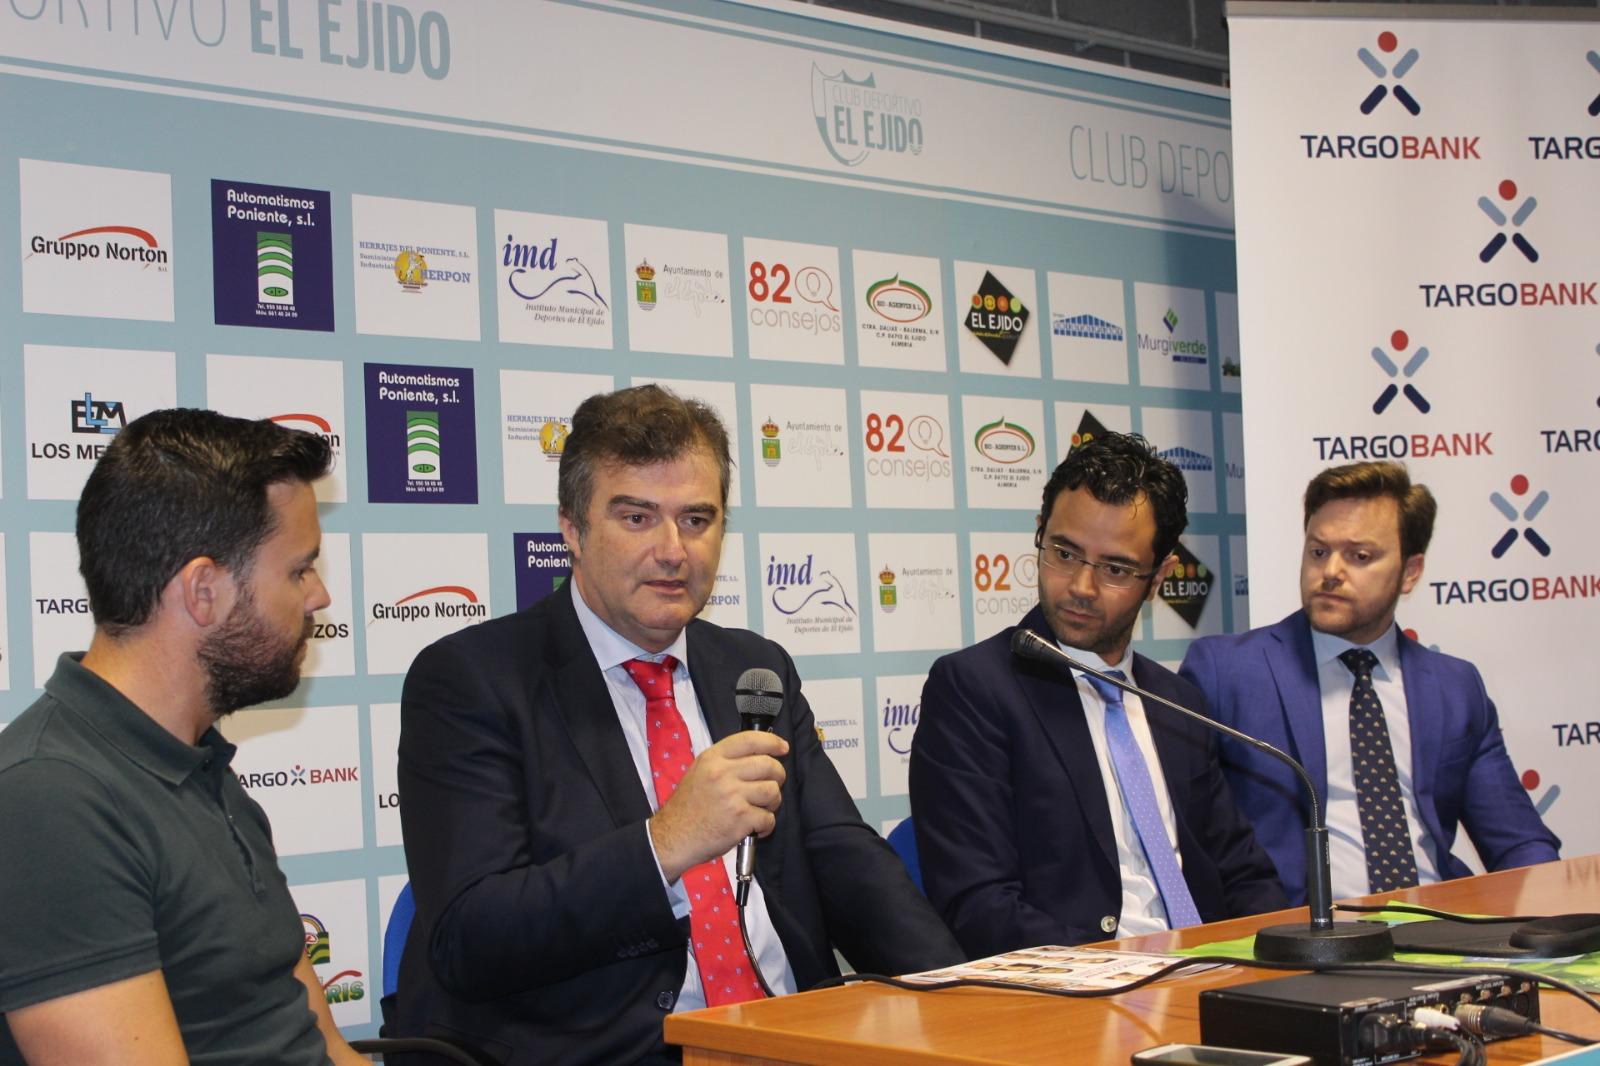 Targobank se convierte en patrocinador del CD El Ejido para la próxima temporada